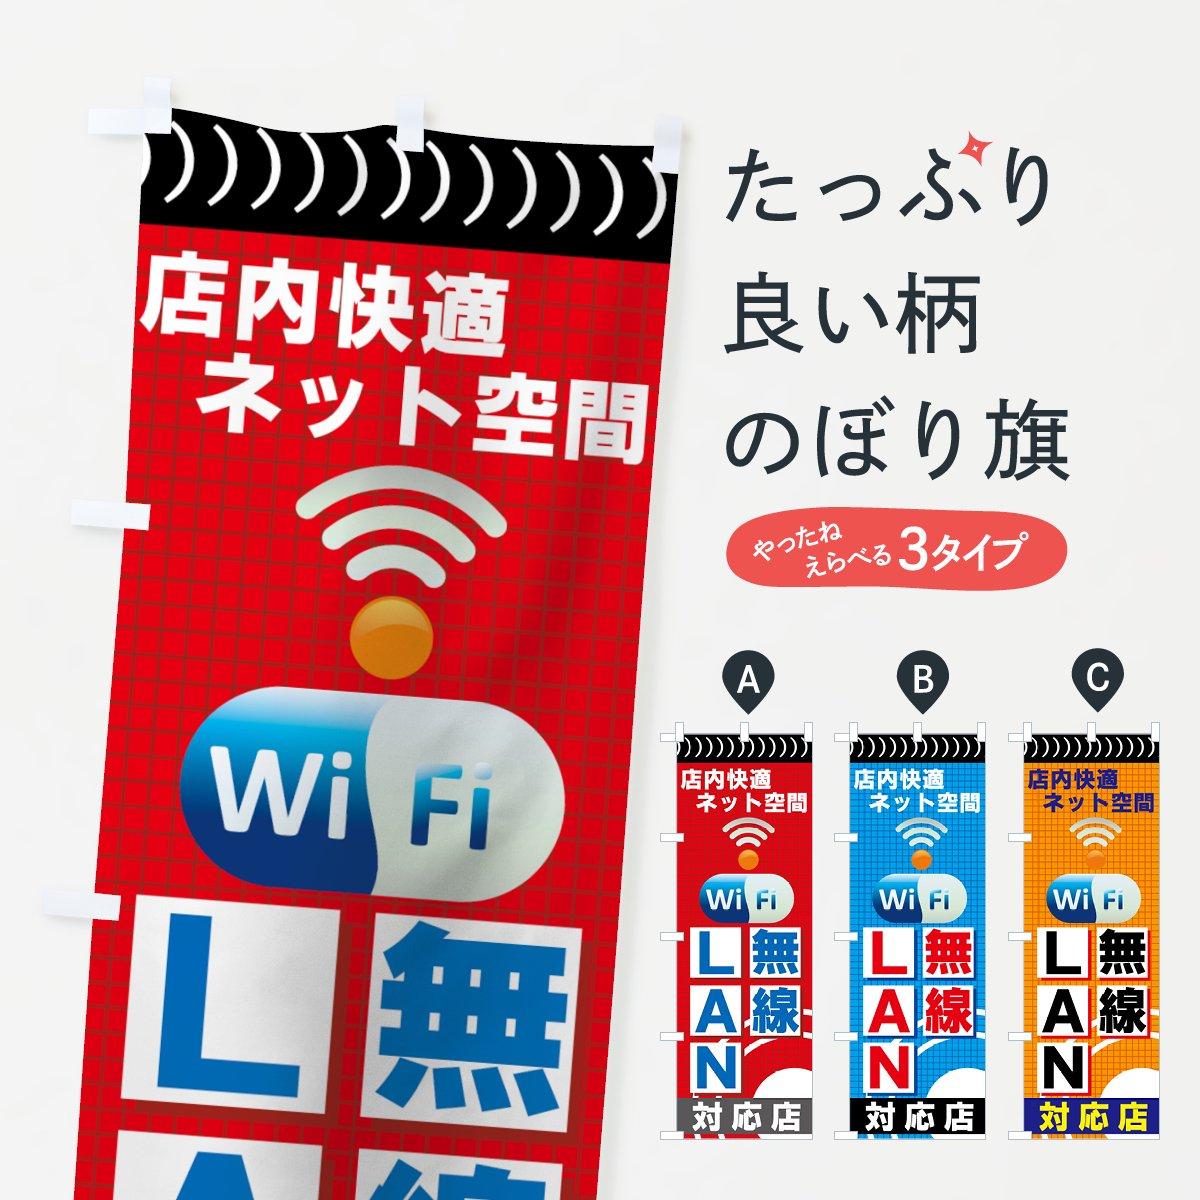 無線LAN対応店のぼり旗 店内快適ネット空間